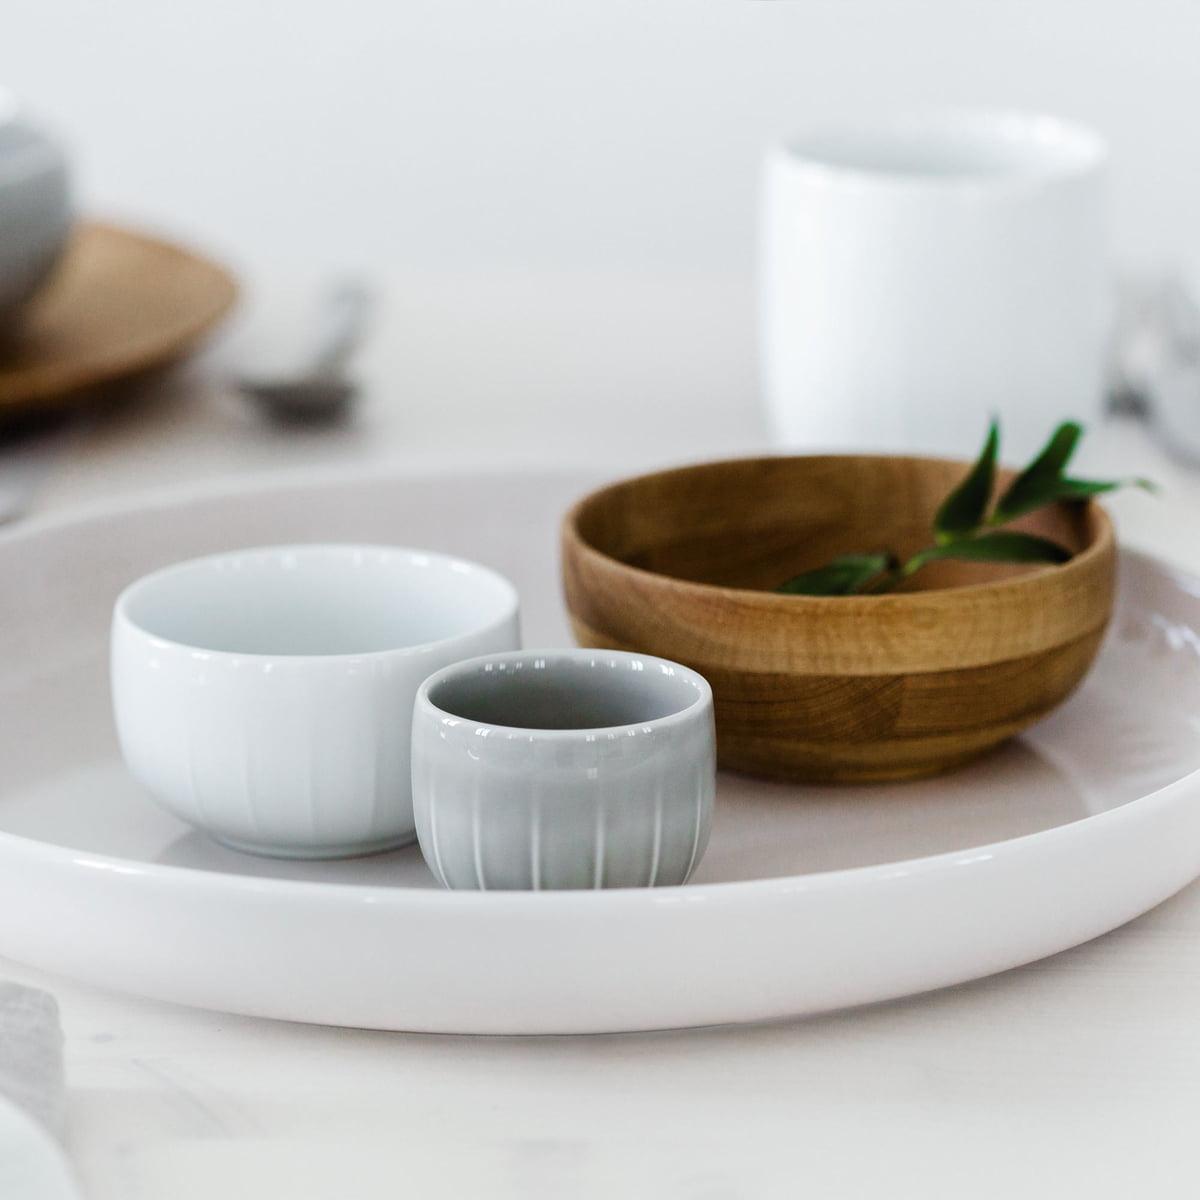 Geschirr-Set Joyn weiß von Arzberg | Connox